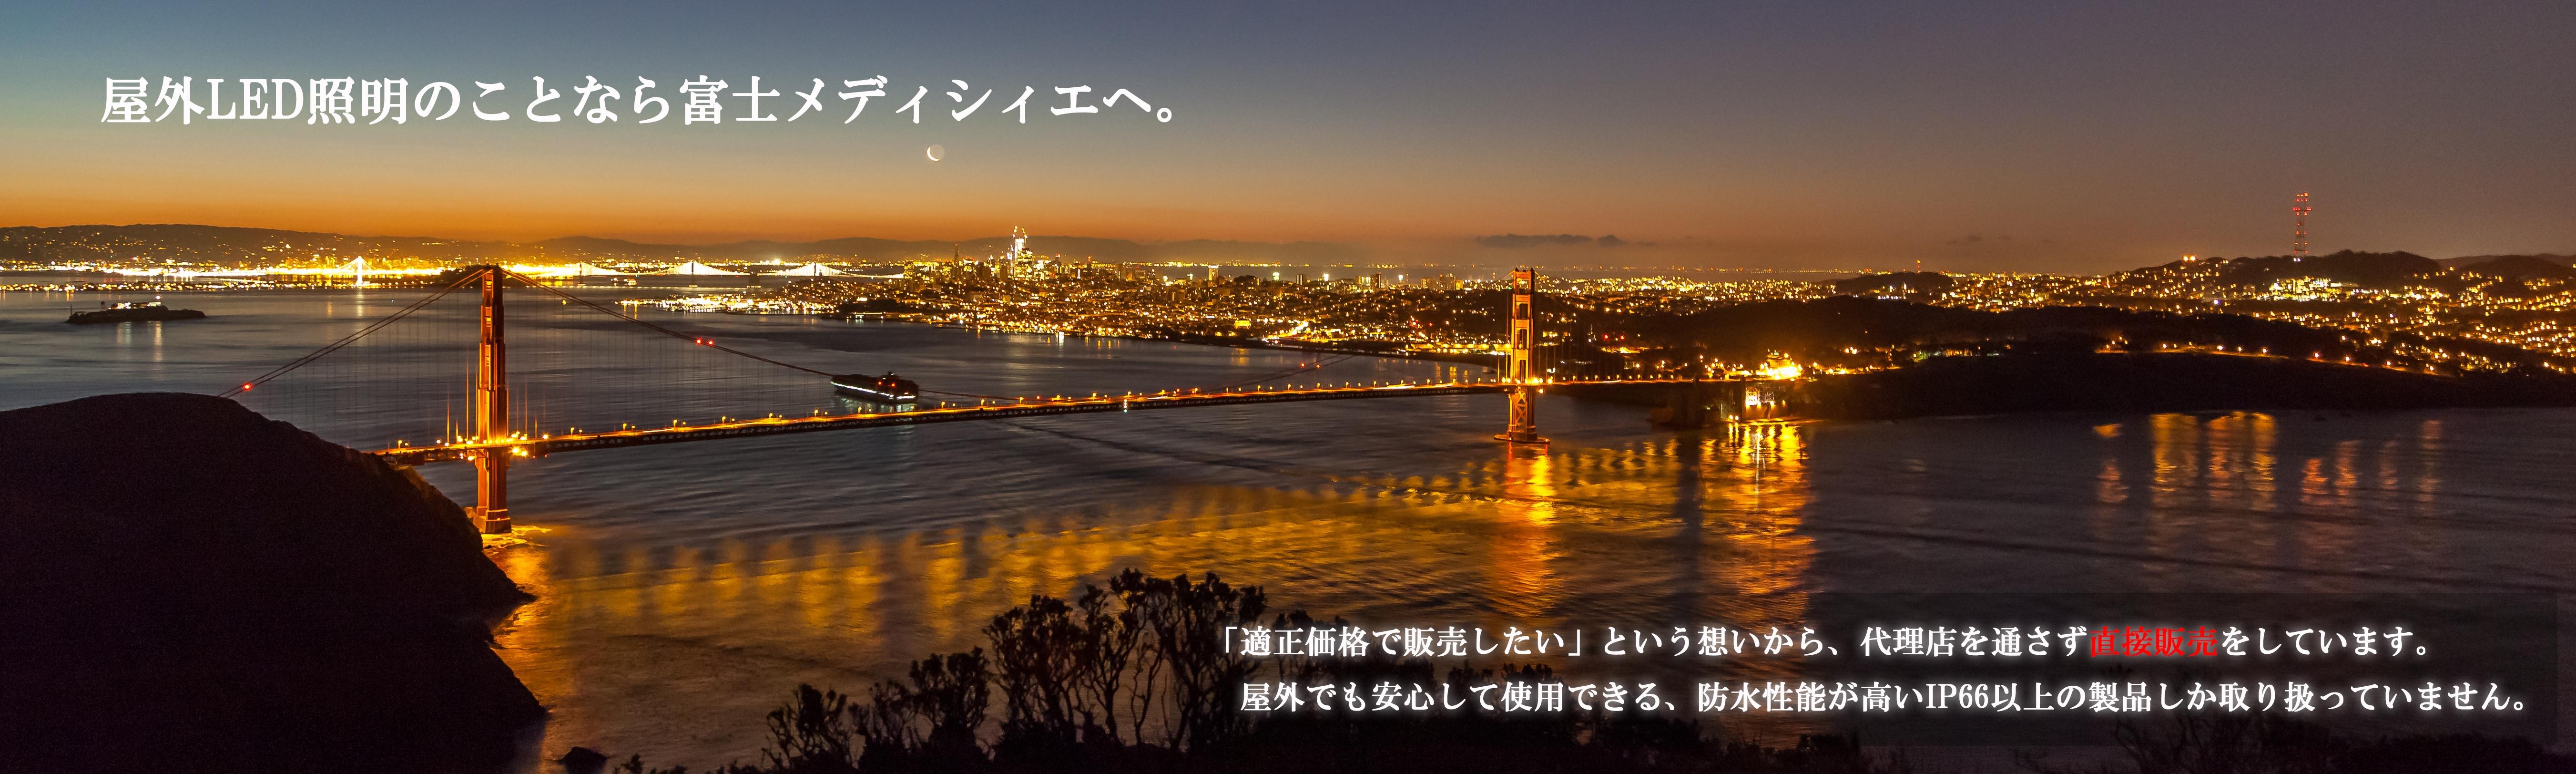 屋外LED照明のことなら富士メディシィエにおまかせ